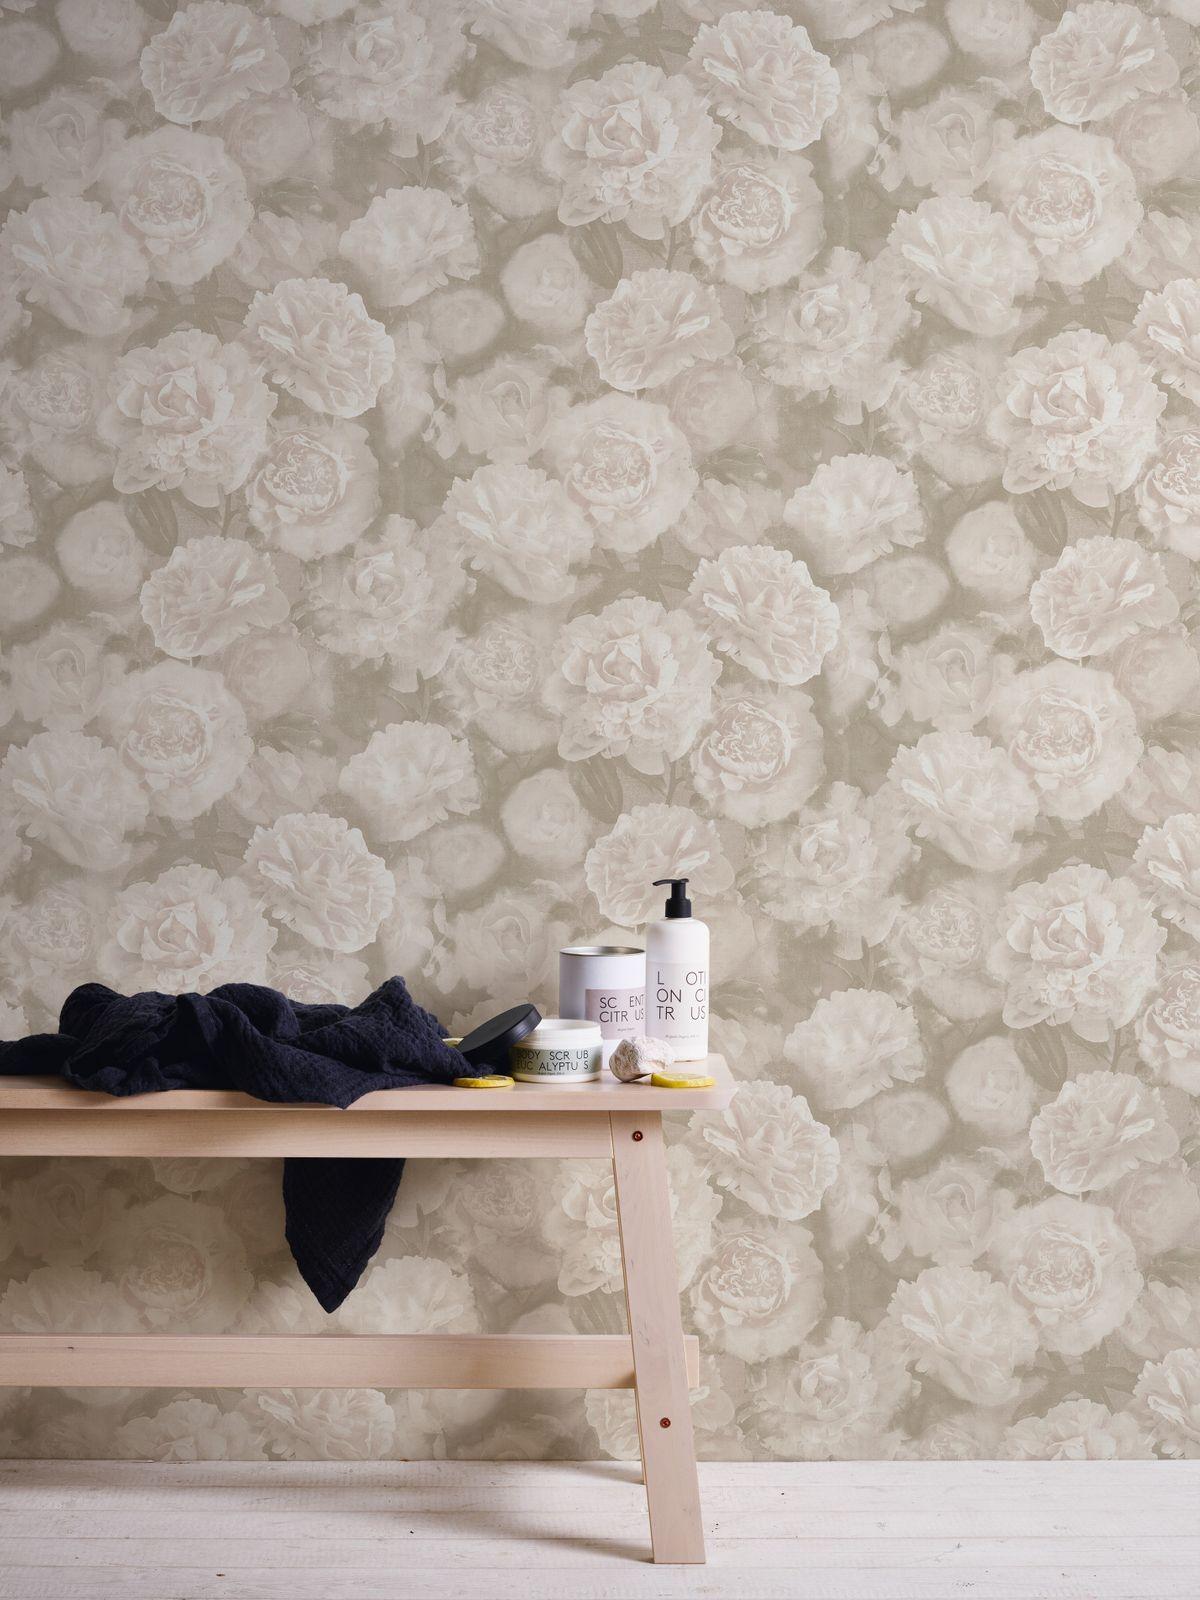 livingwalls Vliestapeten Neue Bude Blumen beige creme 37402-3 2,97€//1qm